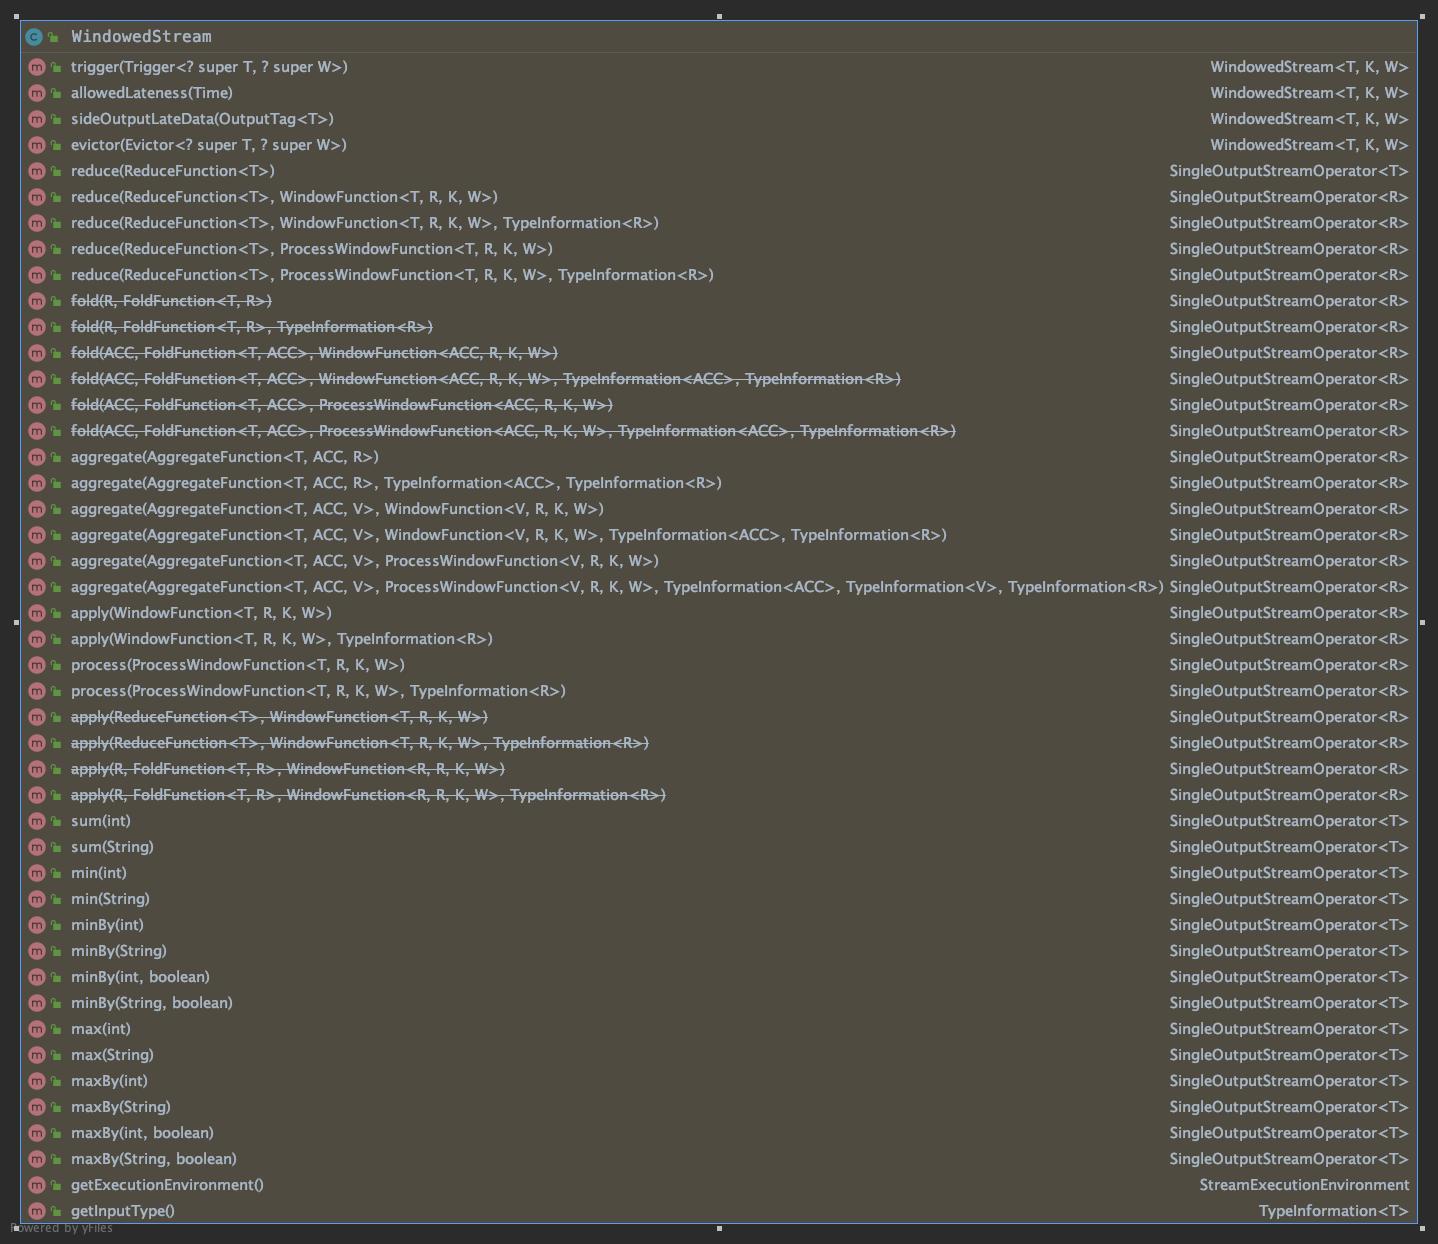 WindowedStream_methods